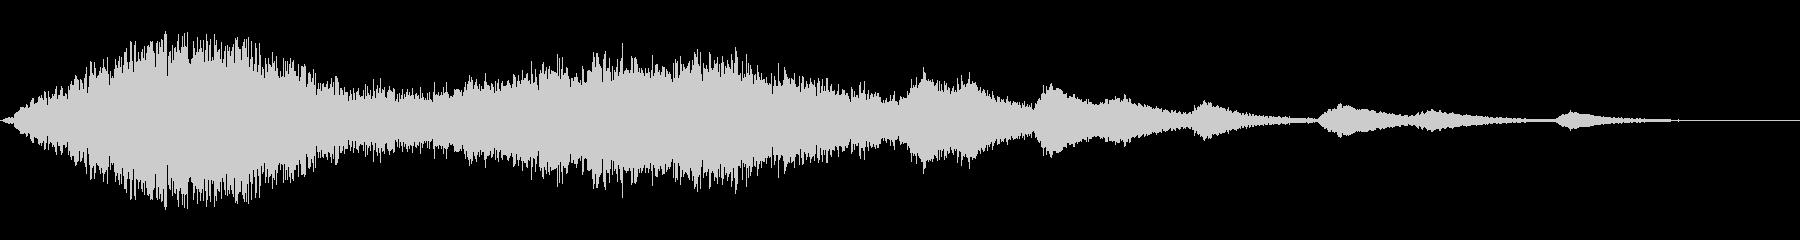 ジャララーンキラキラ(綺麗な魔法音)の未再生の波形